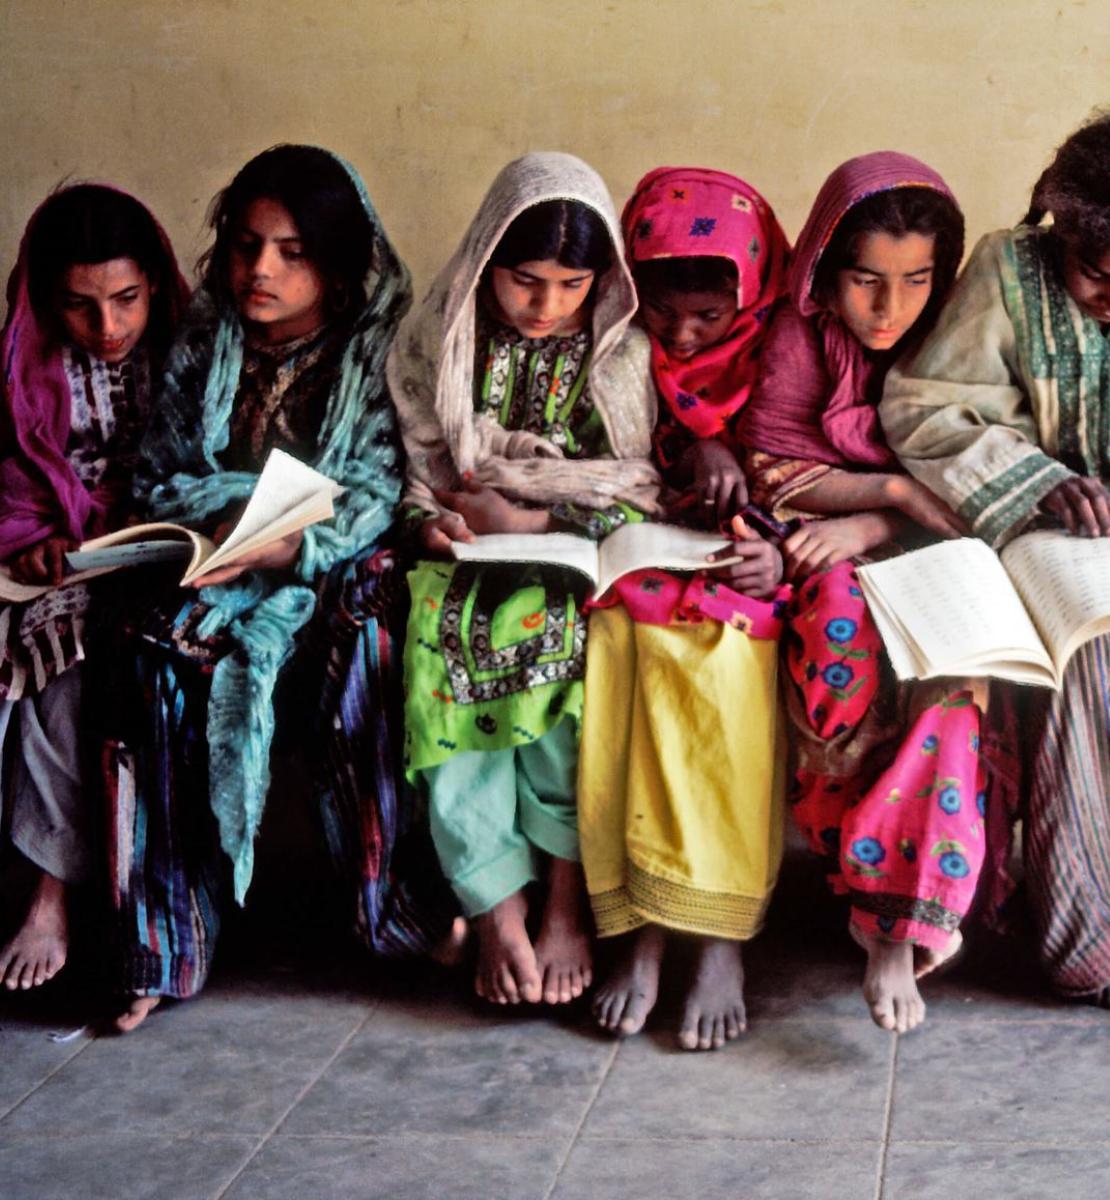 Varios niños y niñas vestidos con colores vivos miran con atención el contenido de los los libros que tiene sobre el regazo.